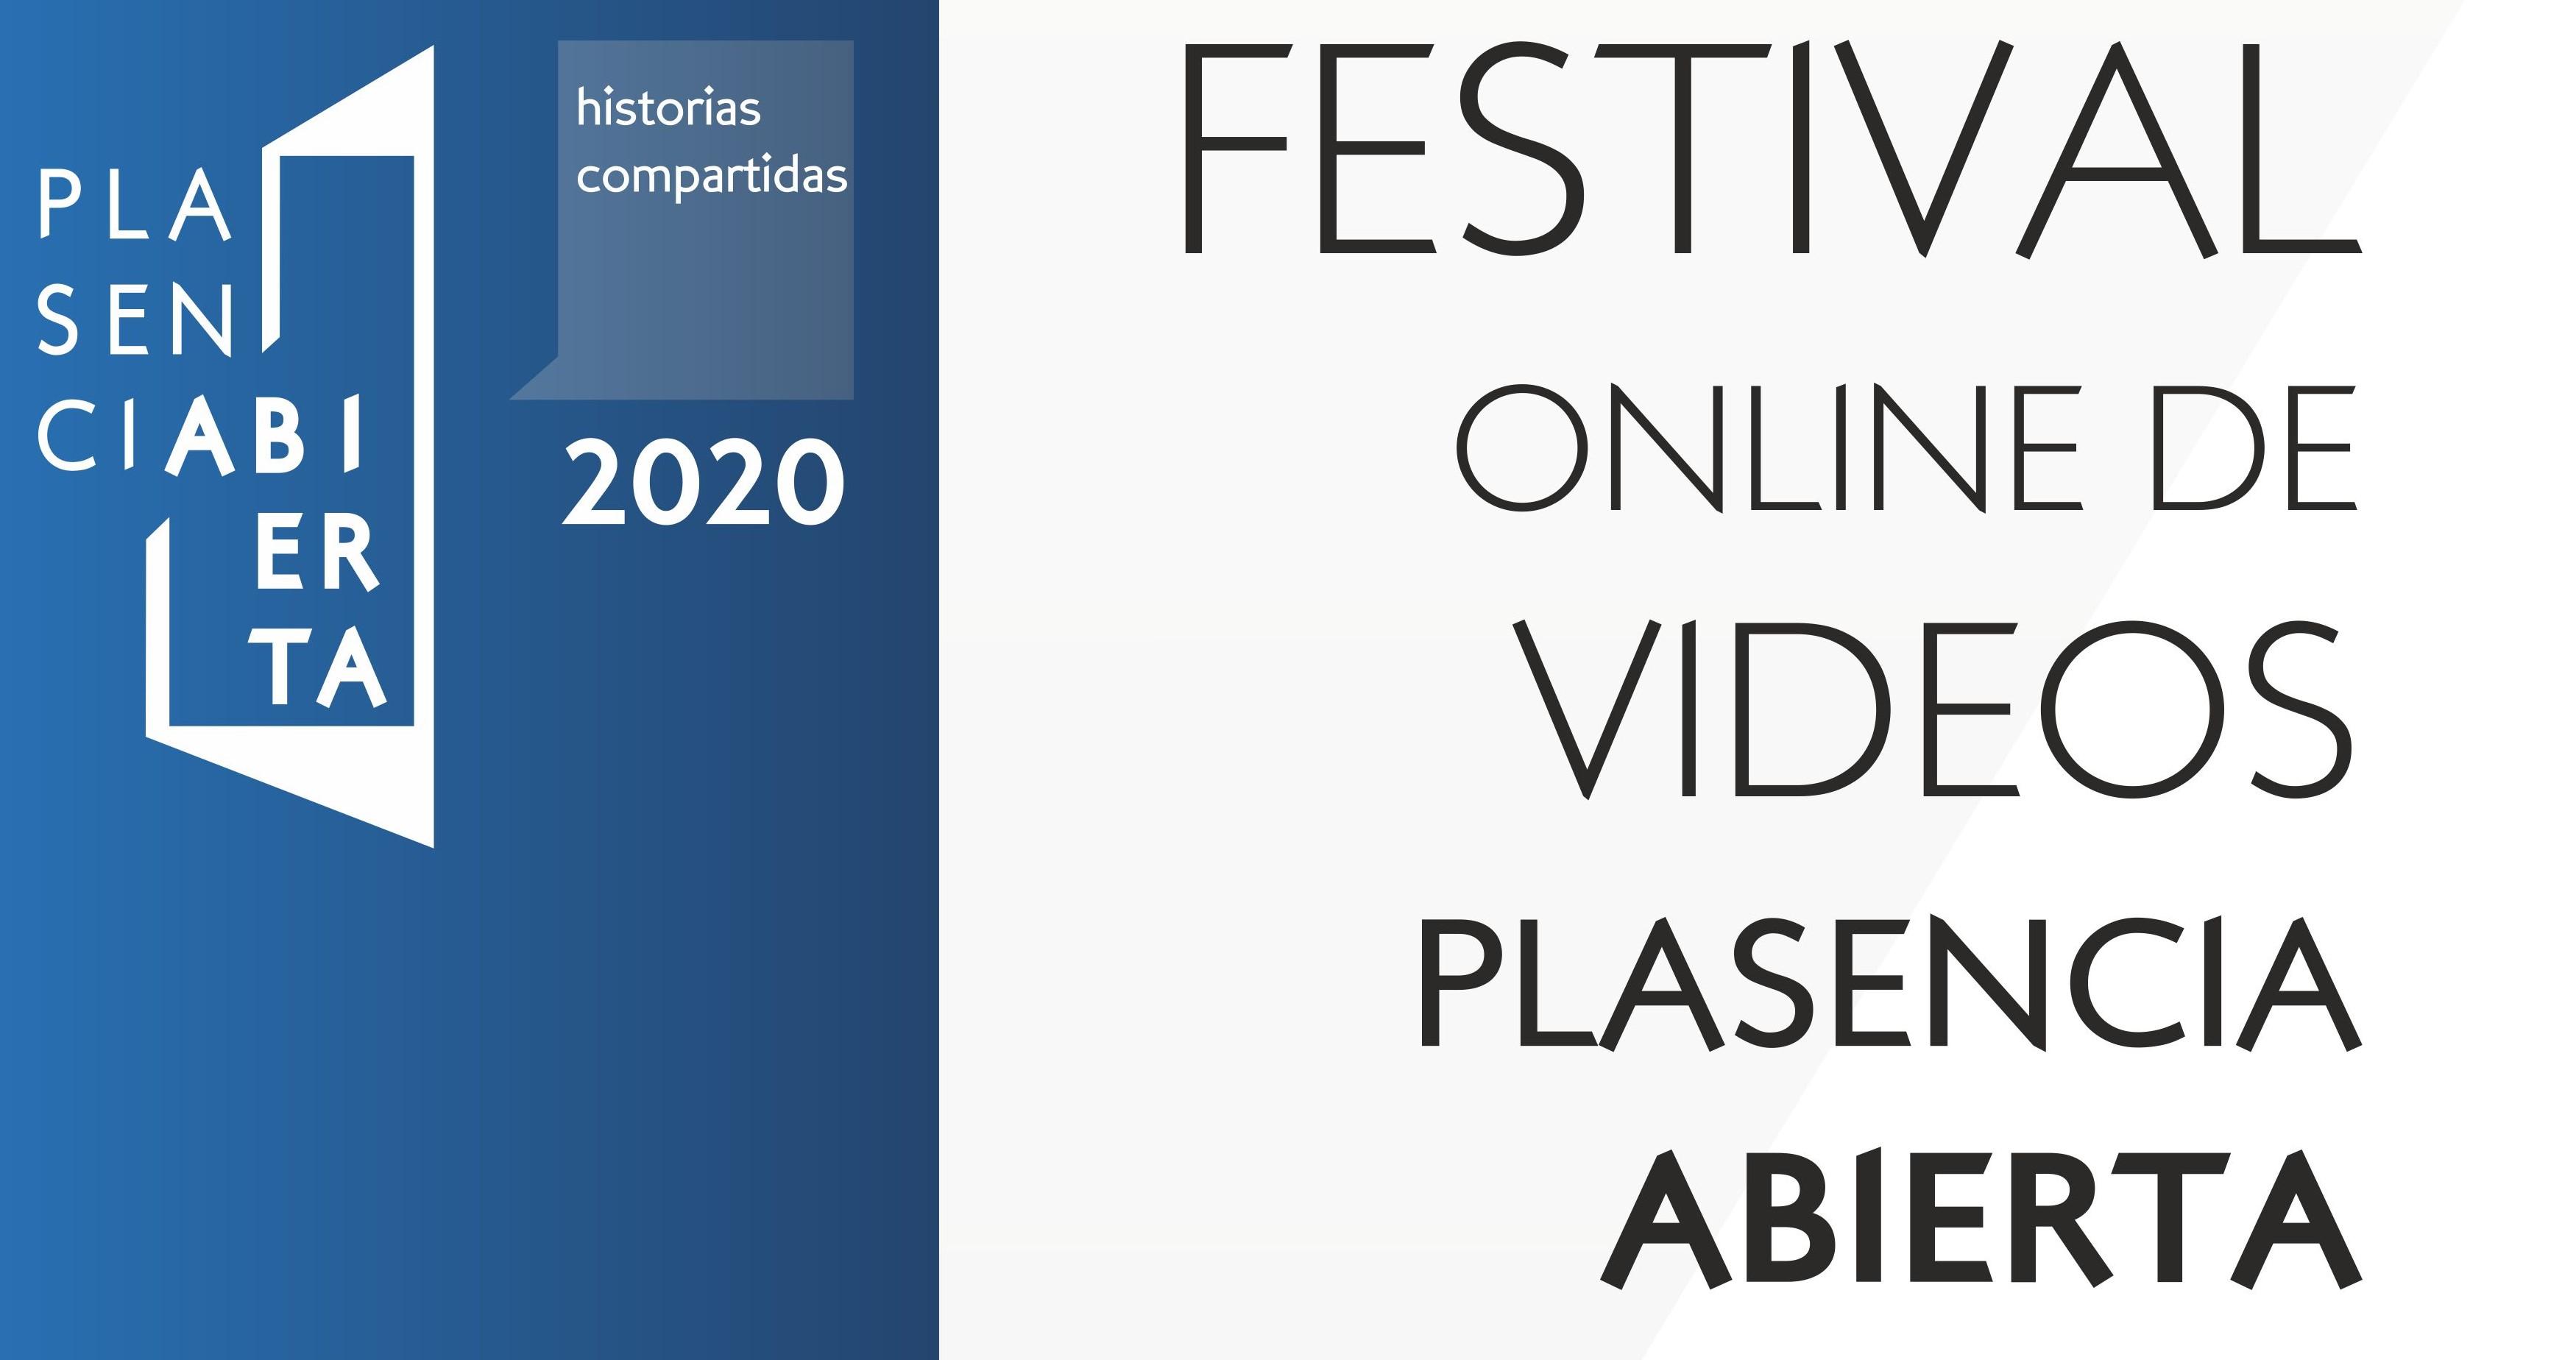 """Festival online de vídeos de """"Plasencia Abierta"""", enmarcado en el programa europeo """"COME IN"""""""